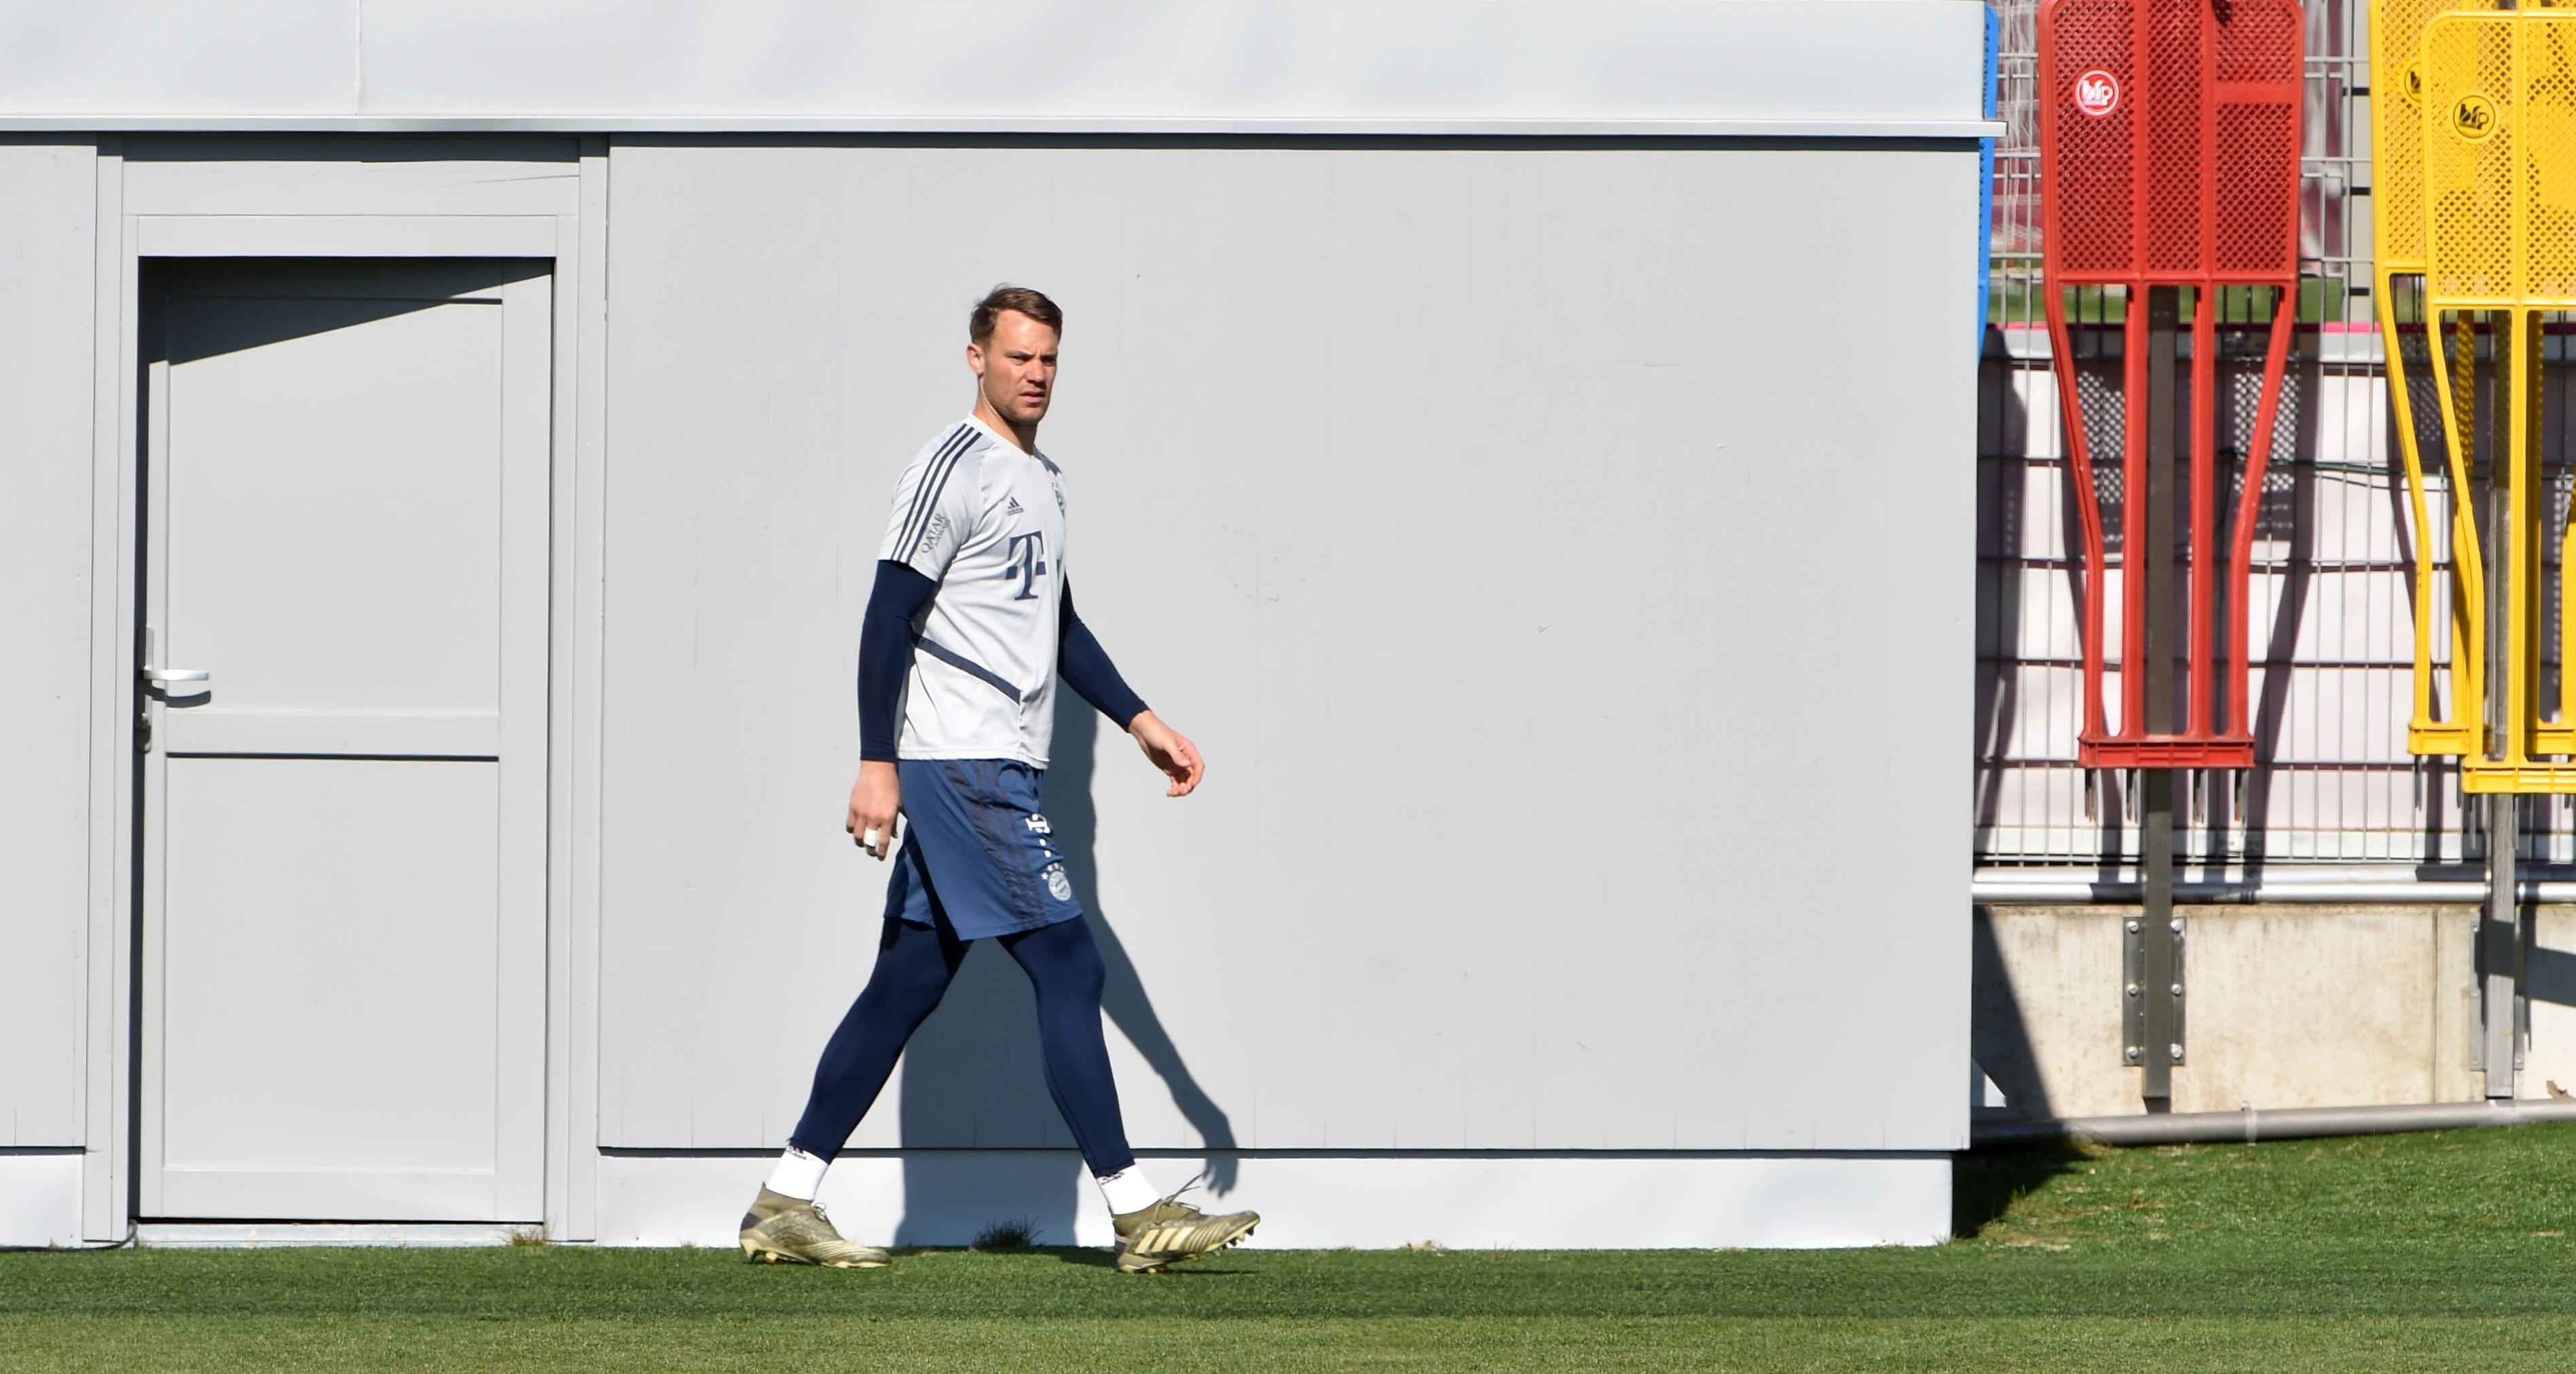 Eine Rangliste der weltbesten Torhüter rüttelt am Selbstverständnis von FC-Bayern-Keeper Manuel Neuer.